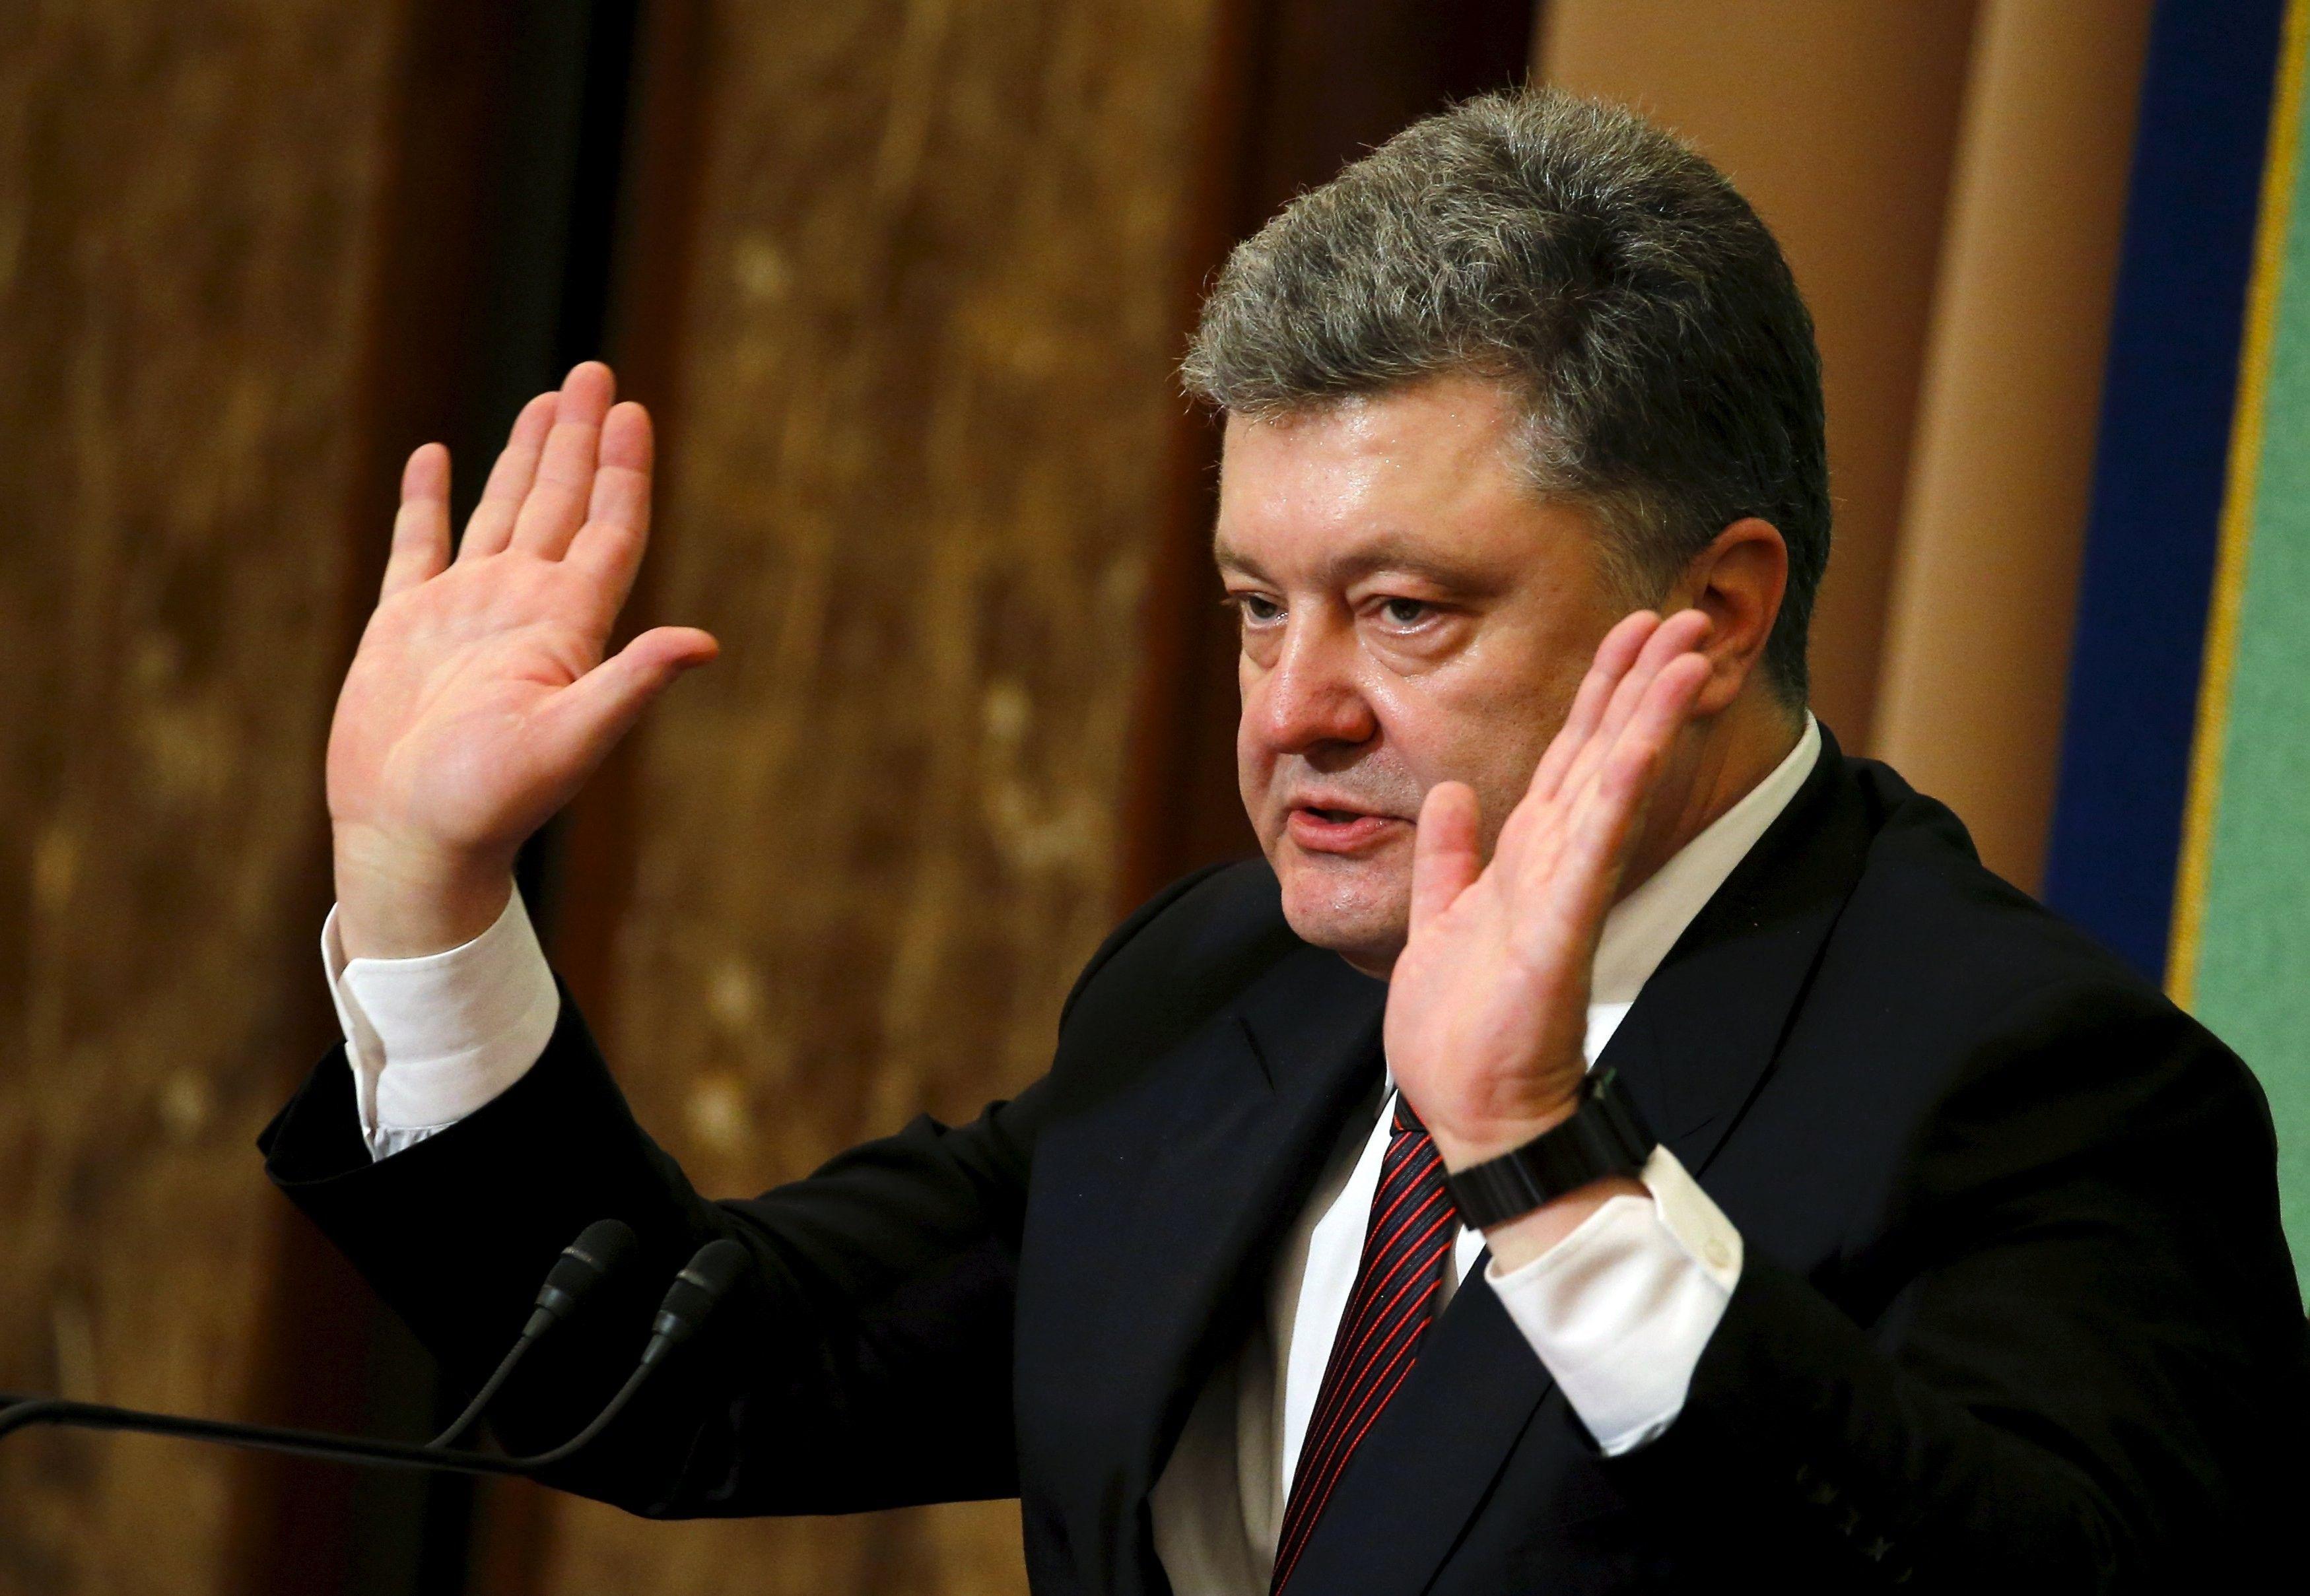 """Президент Порошенко уверял, что передает """"Рошен"""" в управление """"слепому"""" трасту Ротшильдов"""